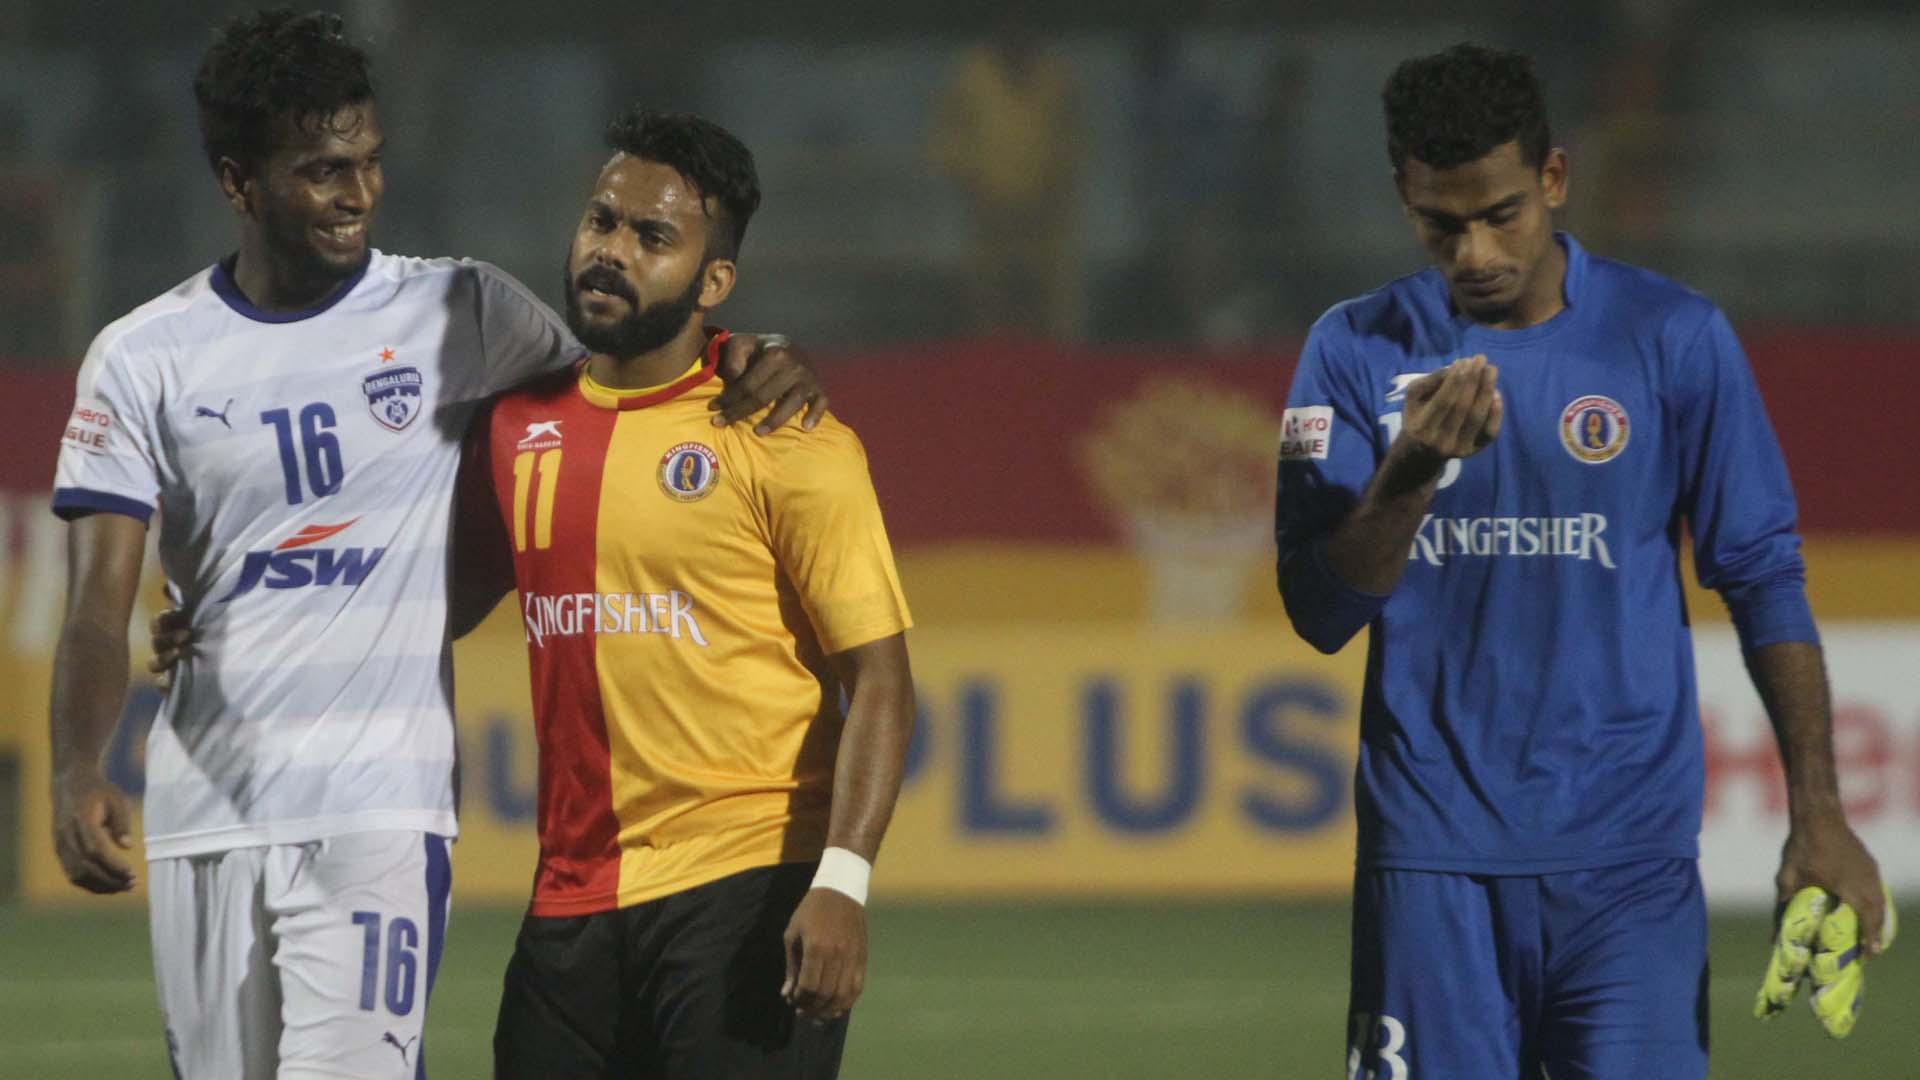 Shankar Sampingiraj Cavin Lobo East Bengal Bengaluru FC I-League